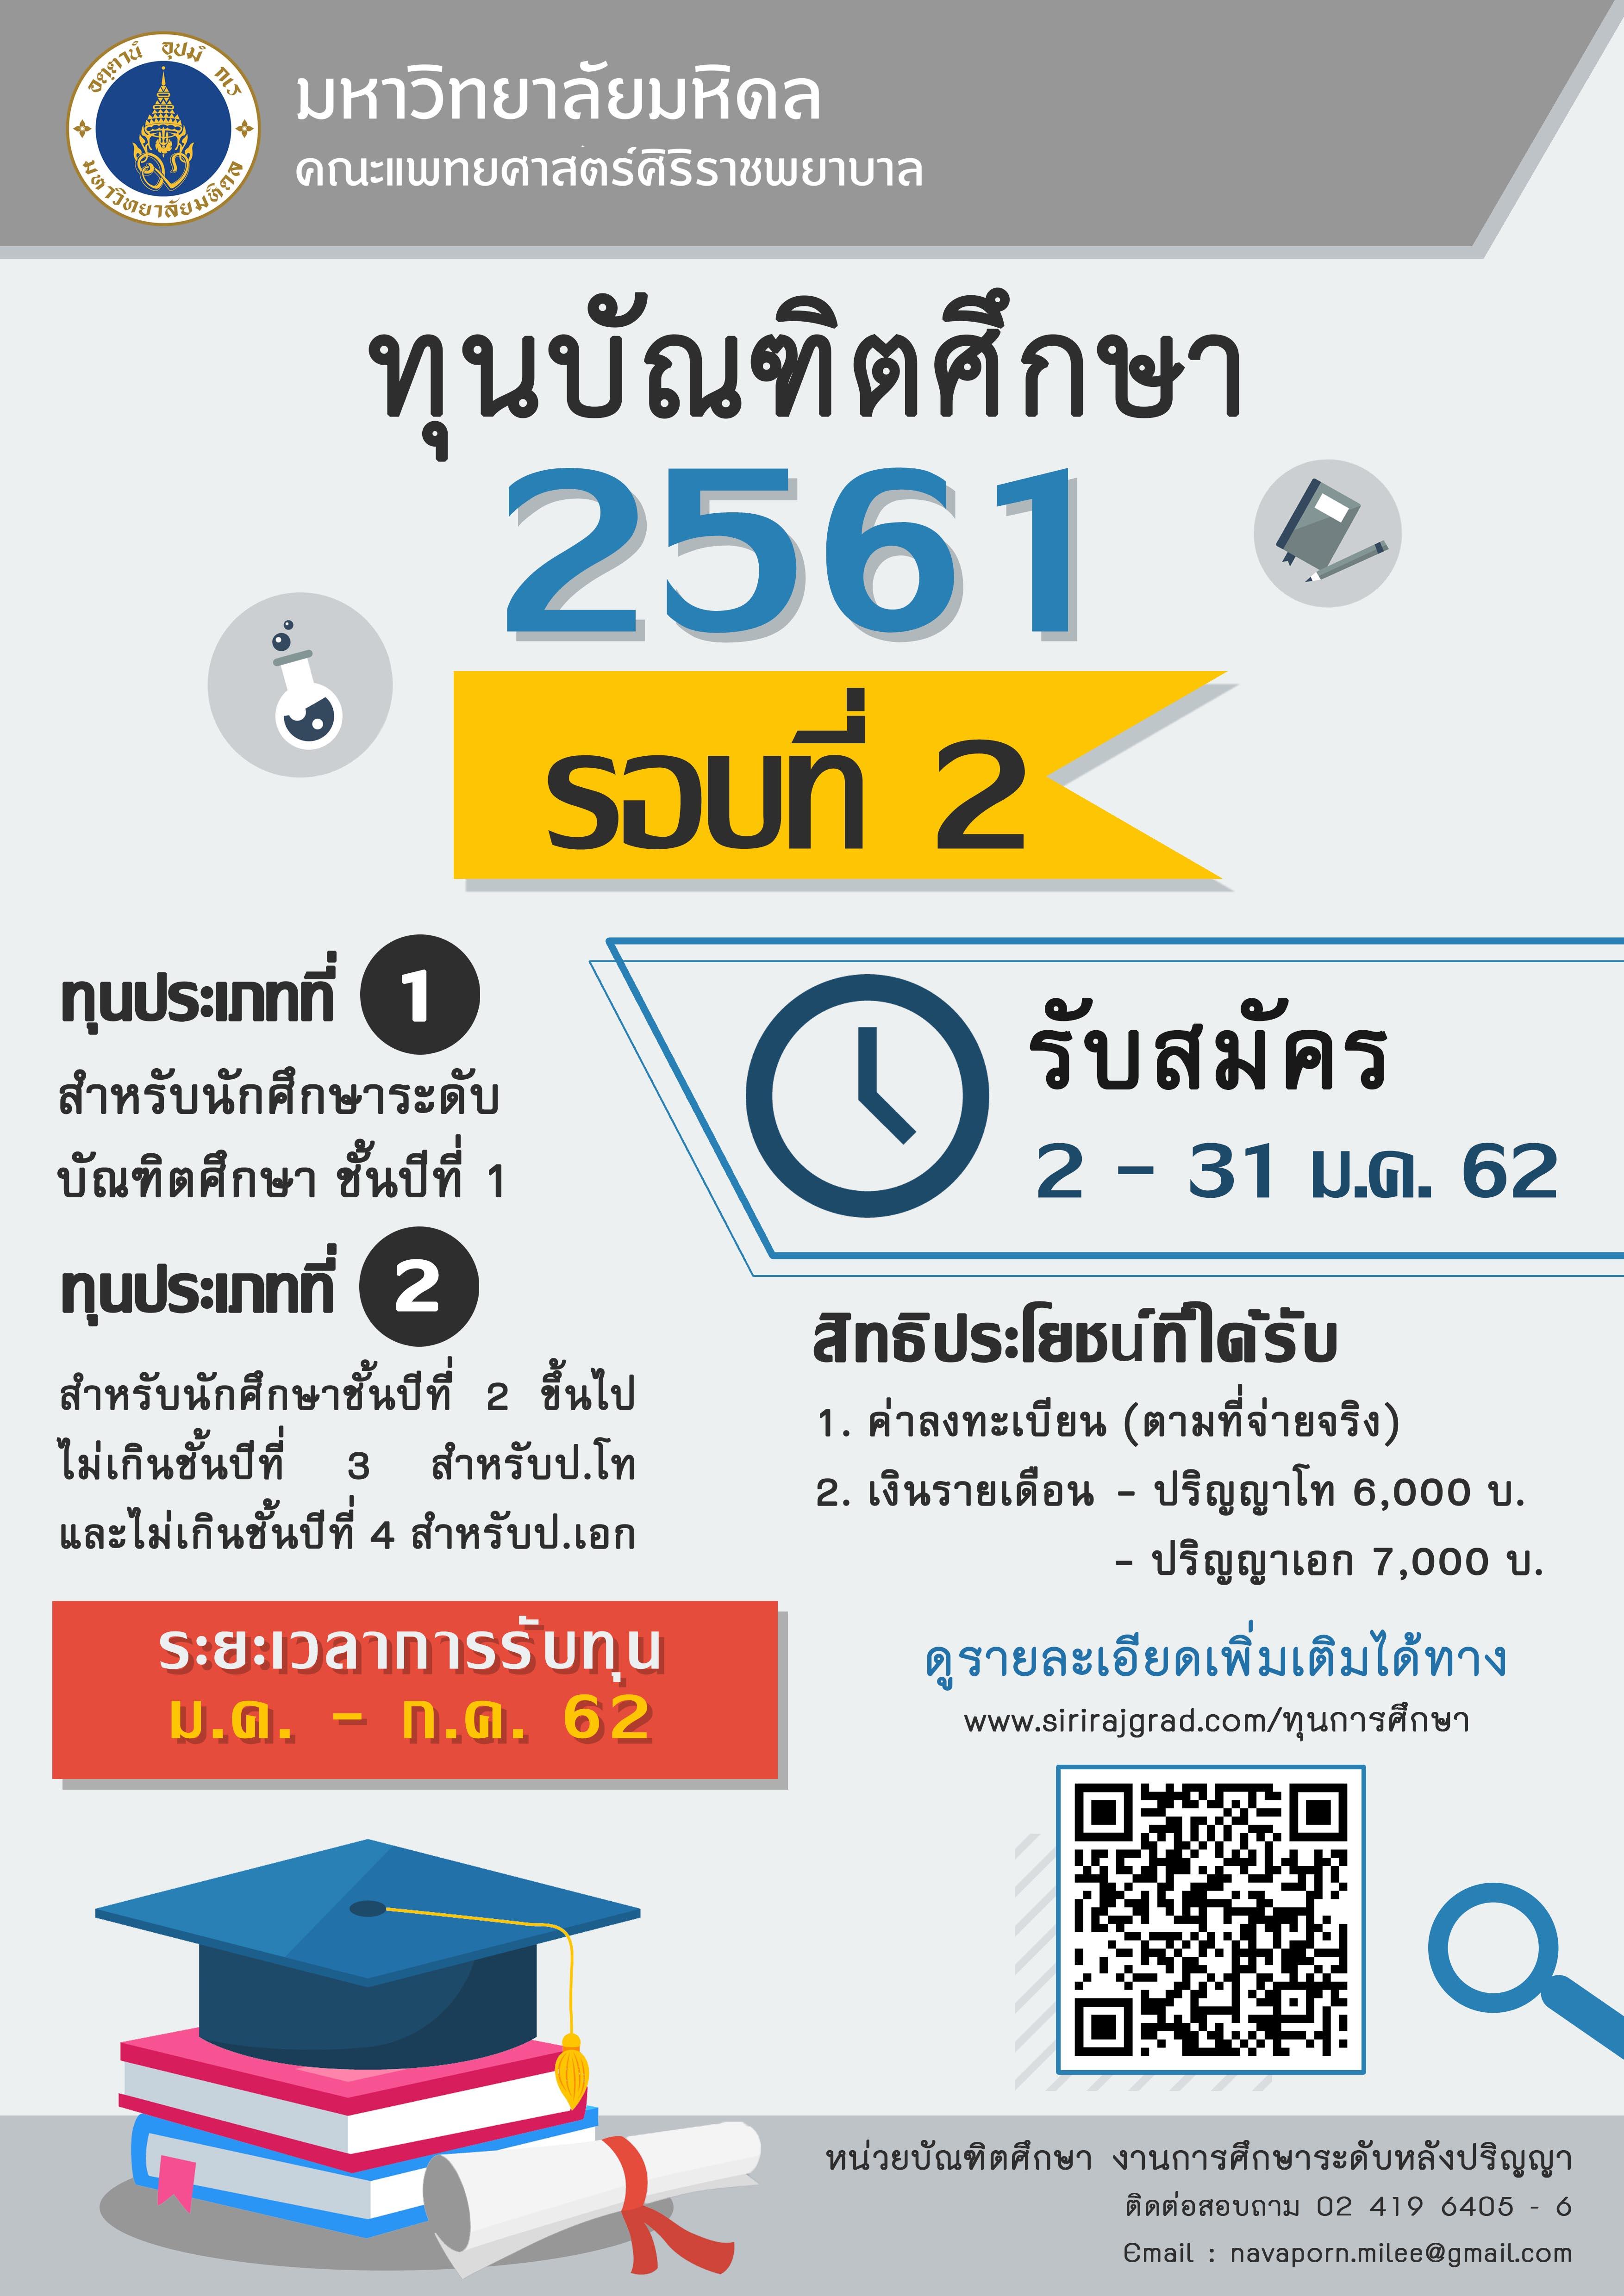 ทุนบัณฑิตศึกษา 2561 (รอบที่ 2)